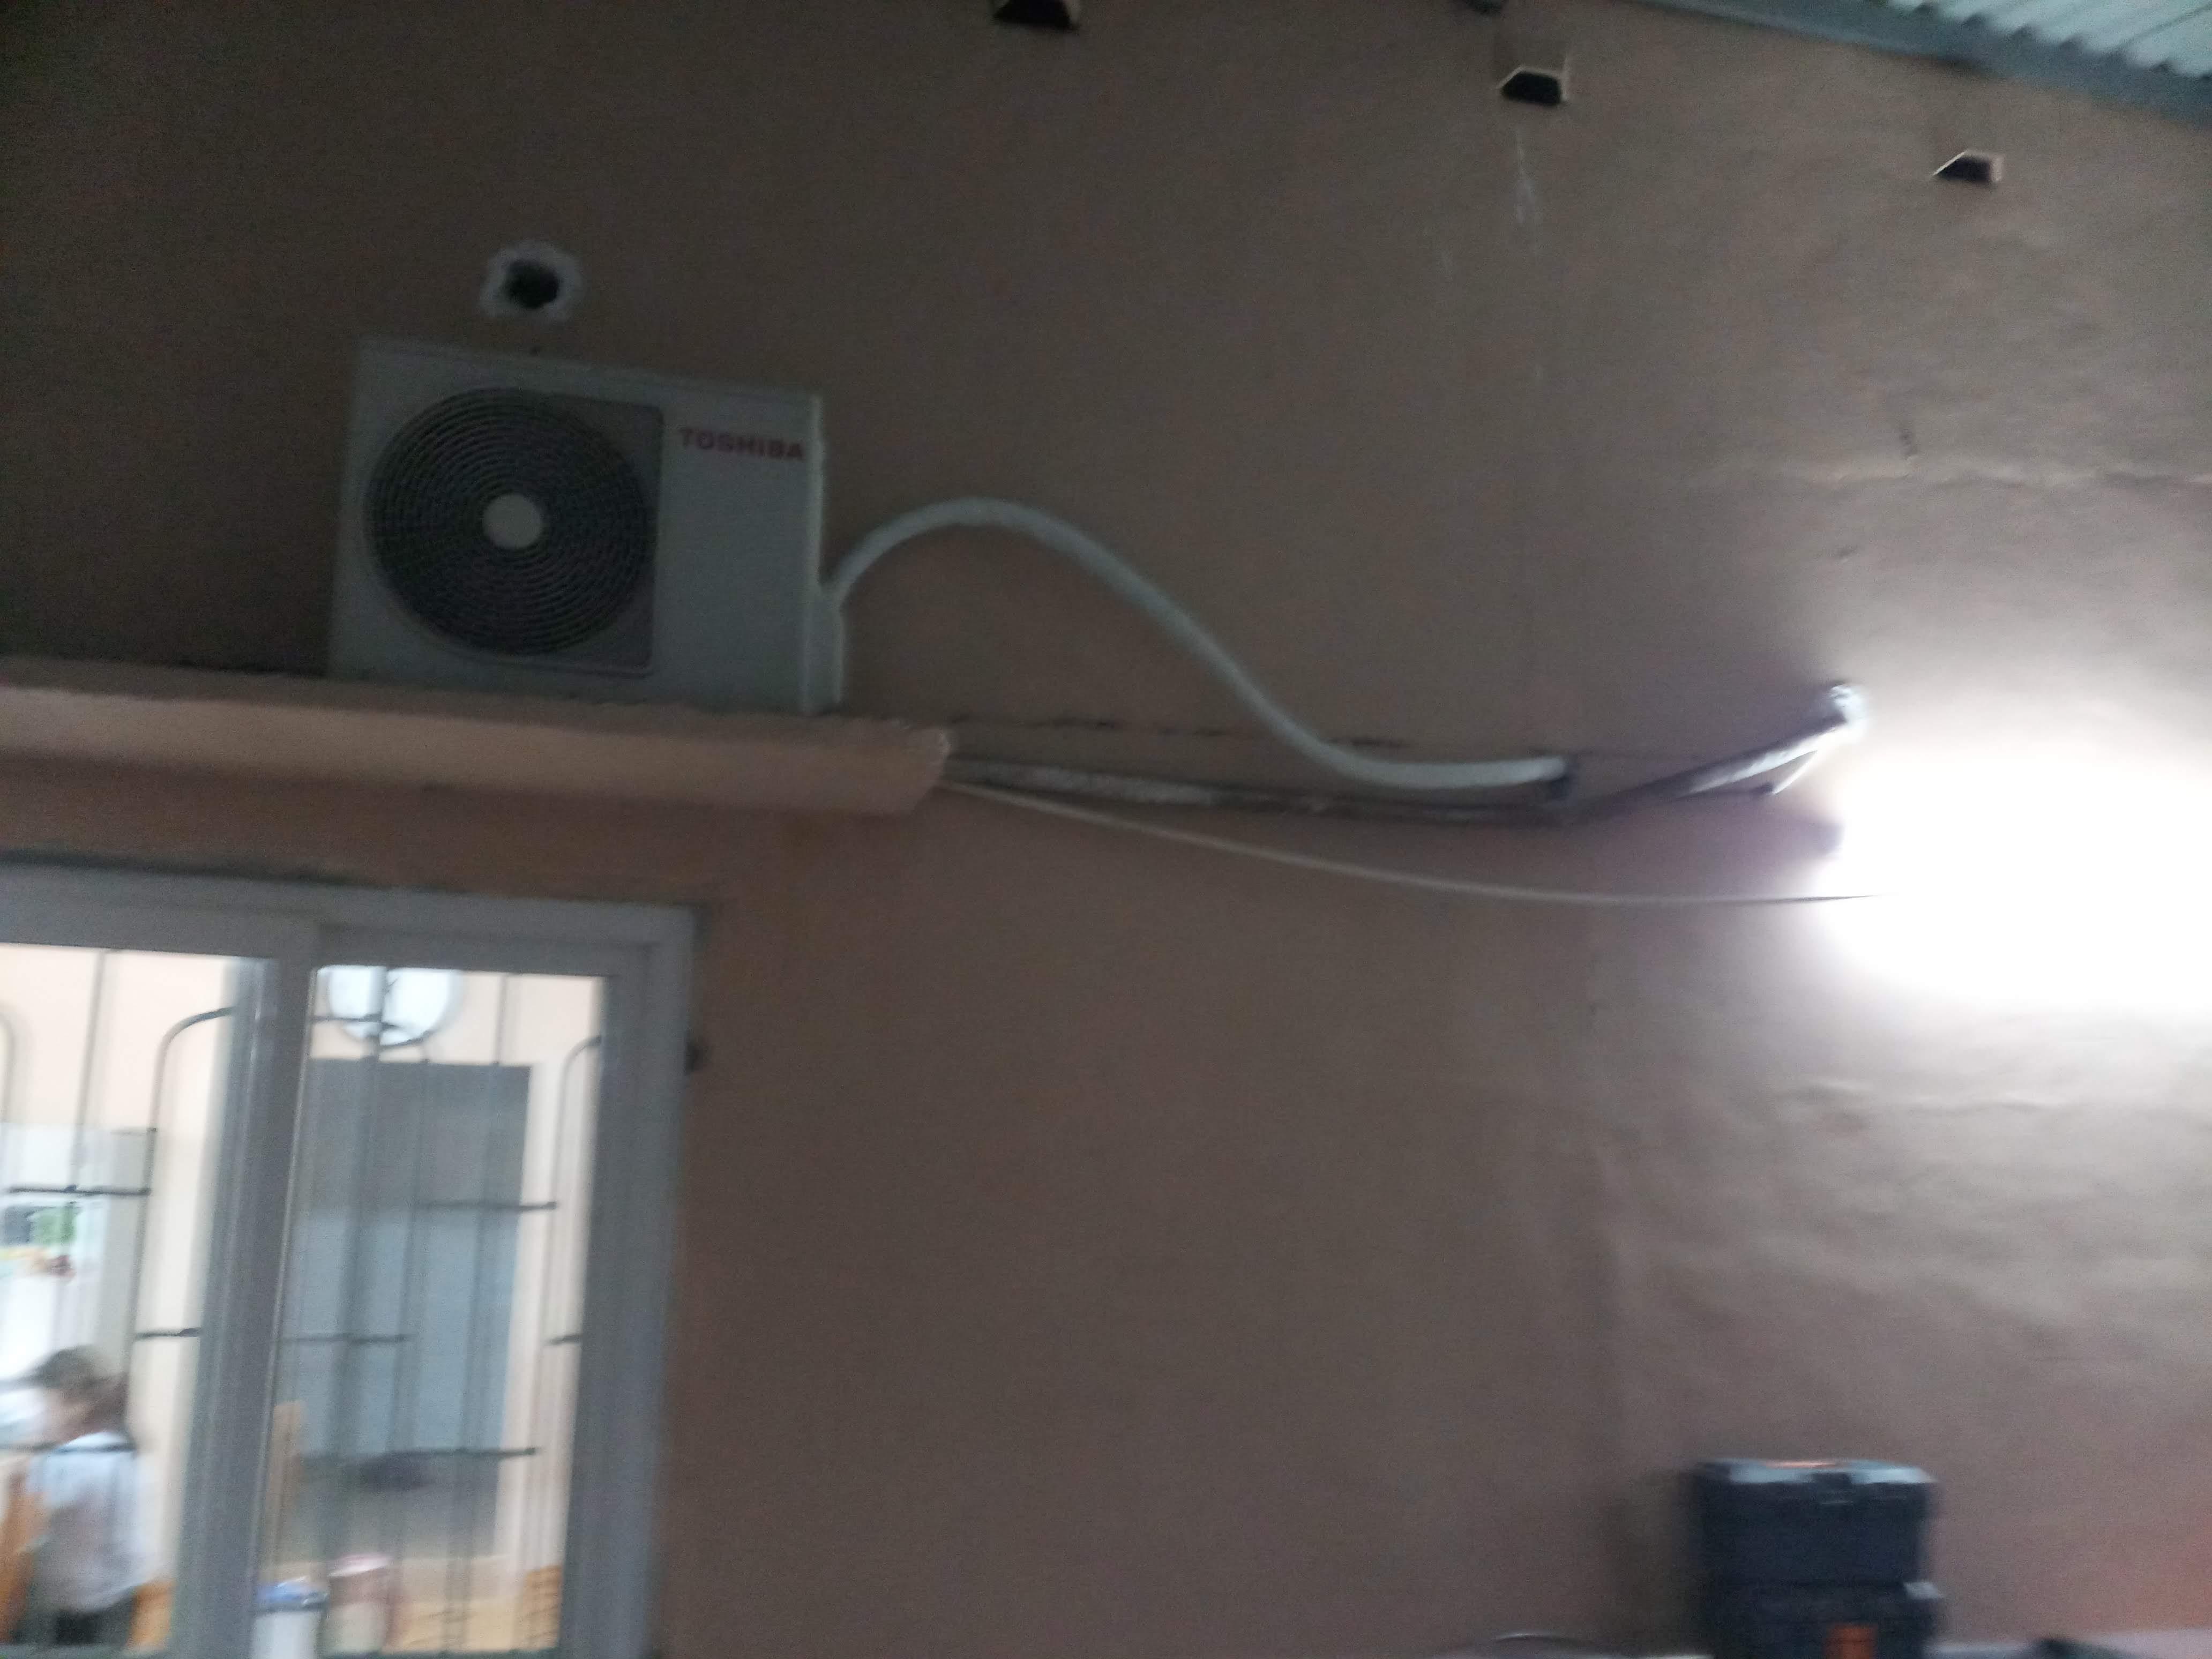 Sửa chữa máy lạnh, máy nóng lạnh, tủ kem, tủ đông, tủ mát tại nhà huyện xuyên mộc